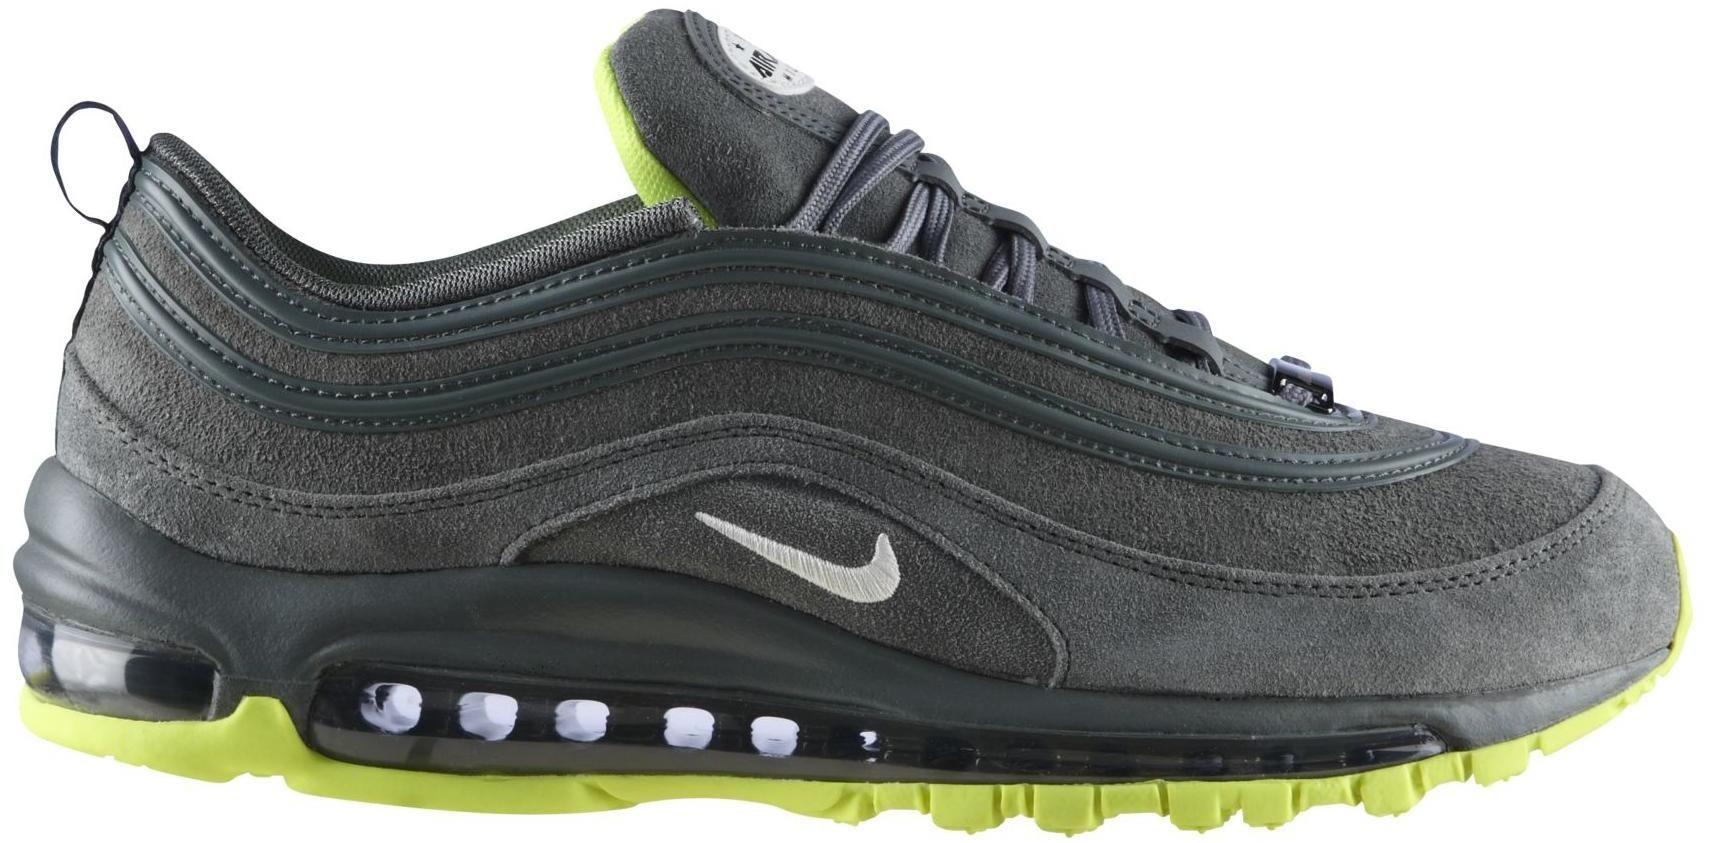 hot sales 3f5d7 c8a01 Nike Free Womens Shoes Sale Jordan Gs 100